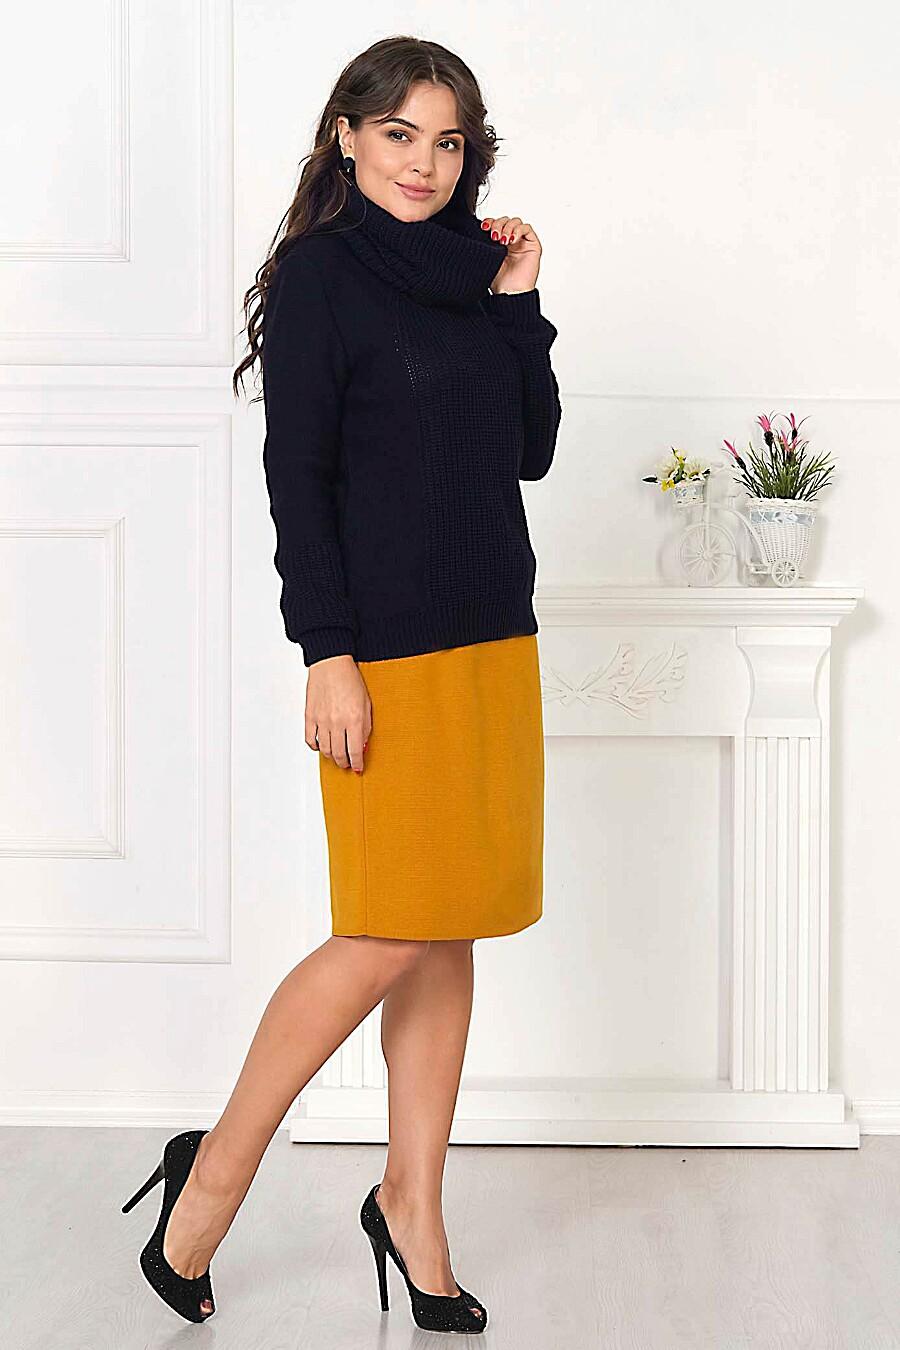 Джемпер для женщин ANKOLI 184504 купить оптом от производителя. Совместная покупка женской одежды в OptMoyo